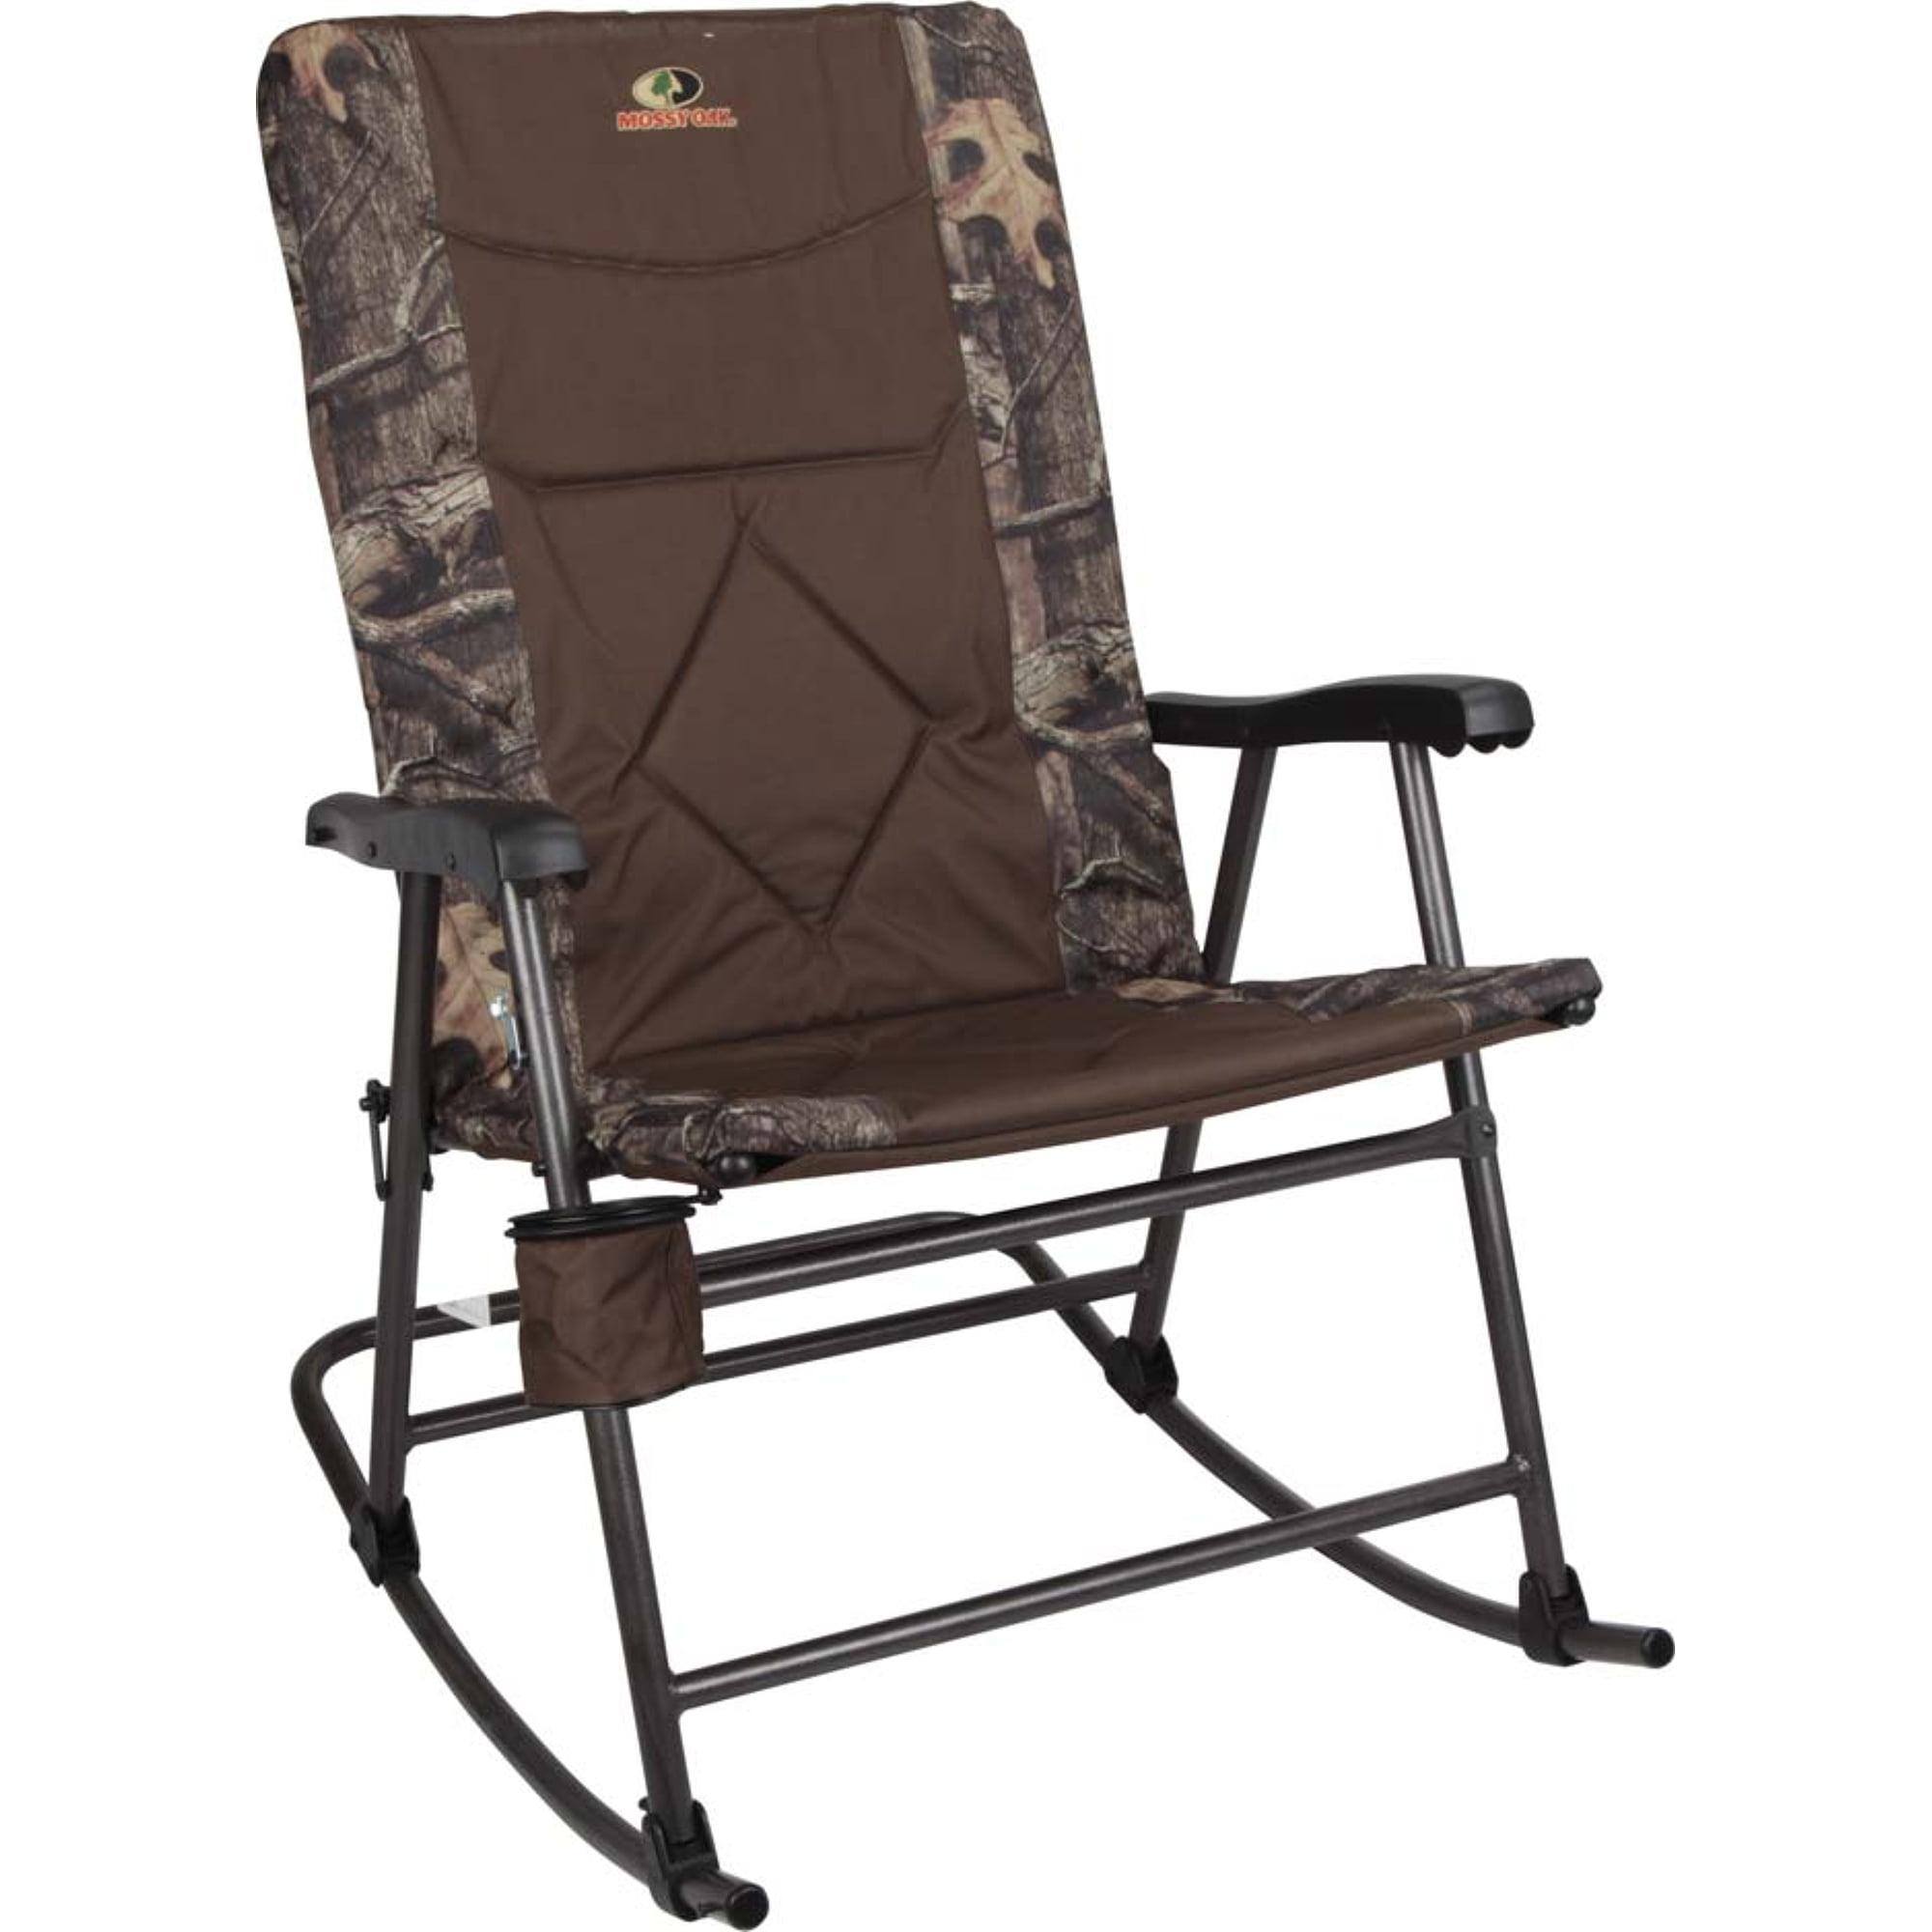 Mossy Oak Rocker chair with Cup Holder Walmart